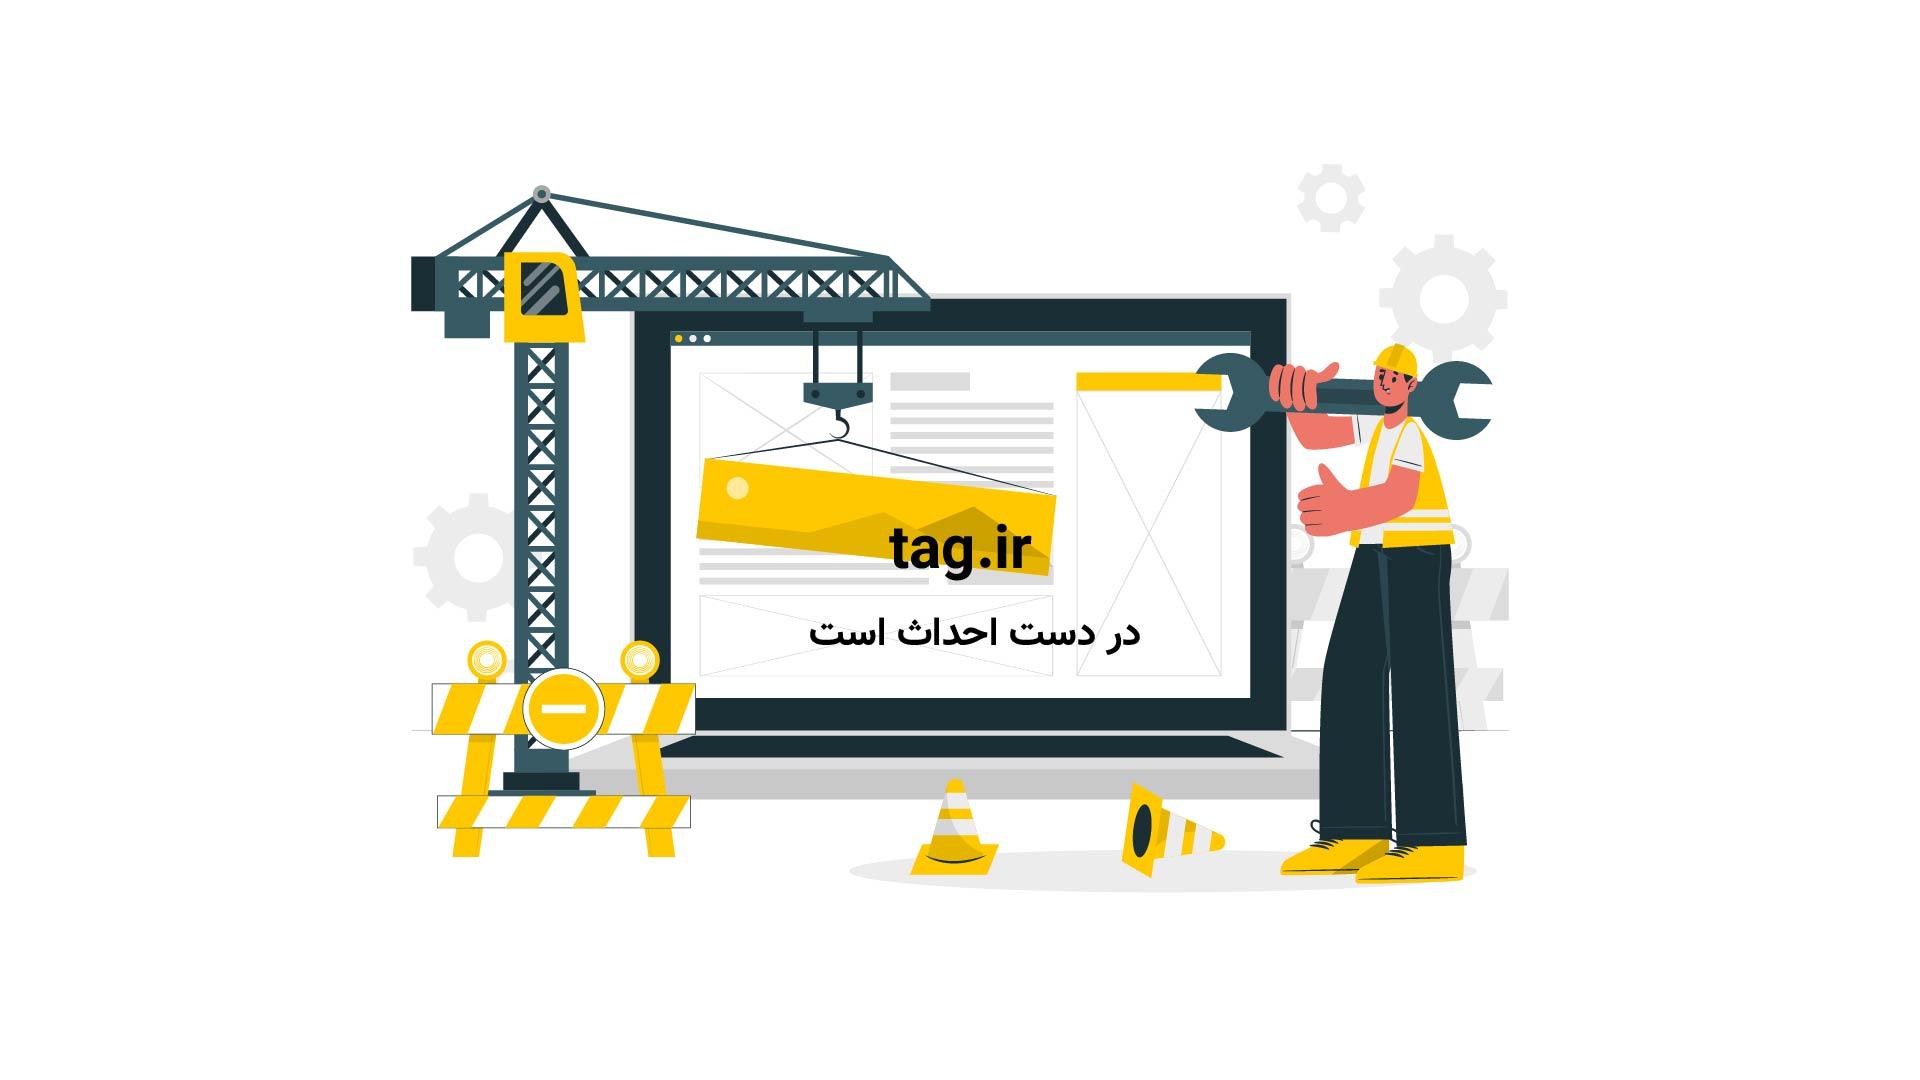 آموزش کشیدن گاو | تگ